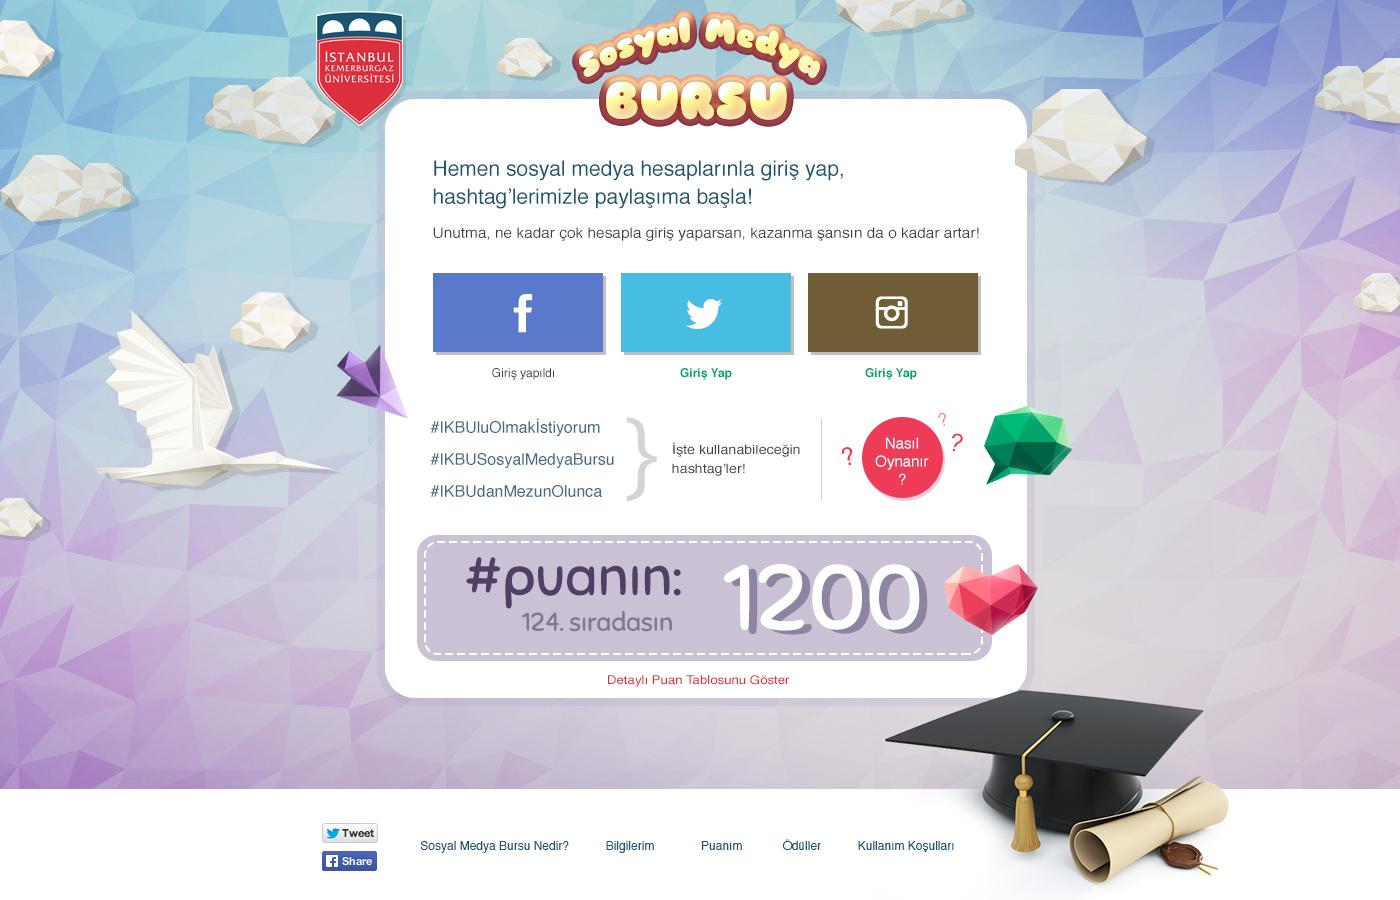 kemerburgaz üniversitesi sosyal medya bursu kampanyası